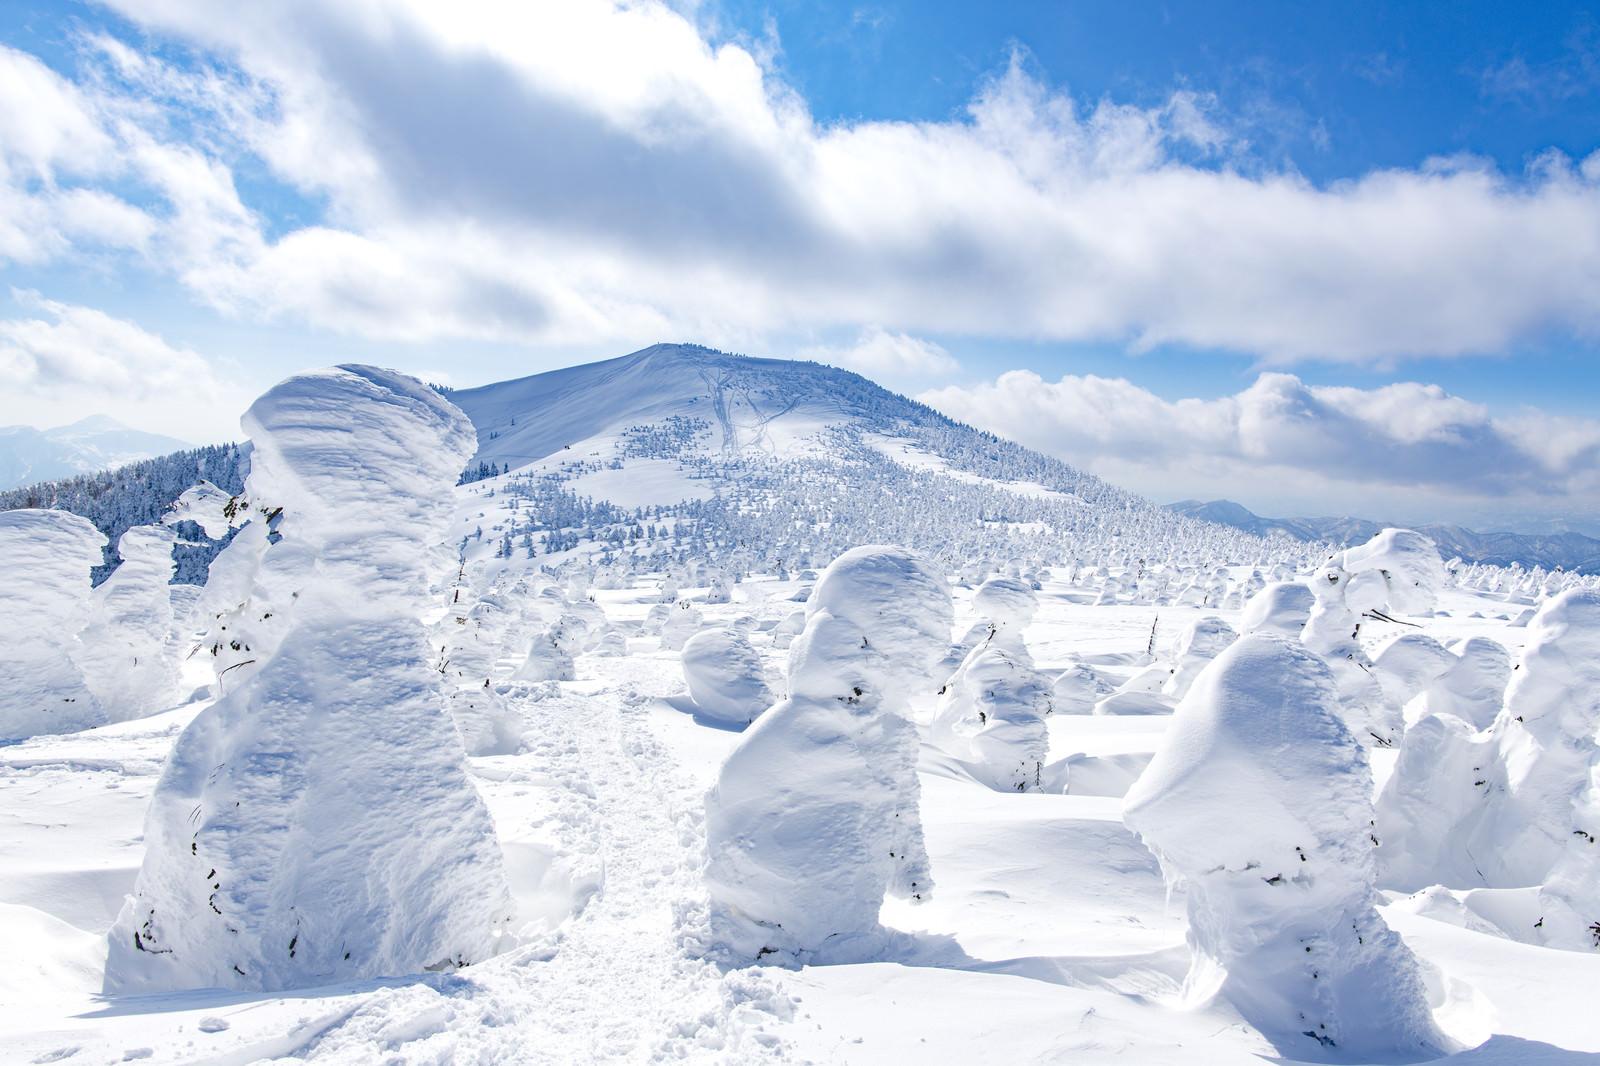 「樹氷と西大嶺(ニシダイテン)」の写真